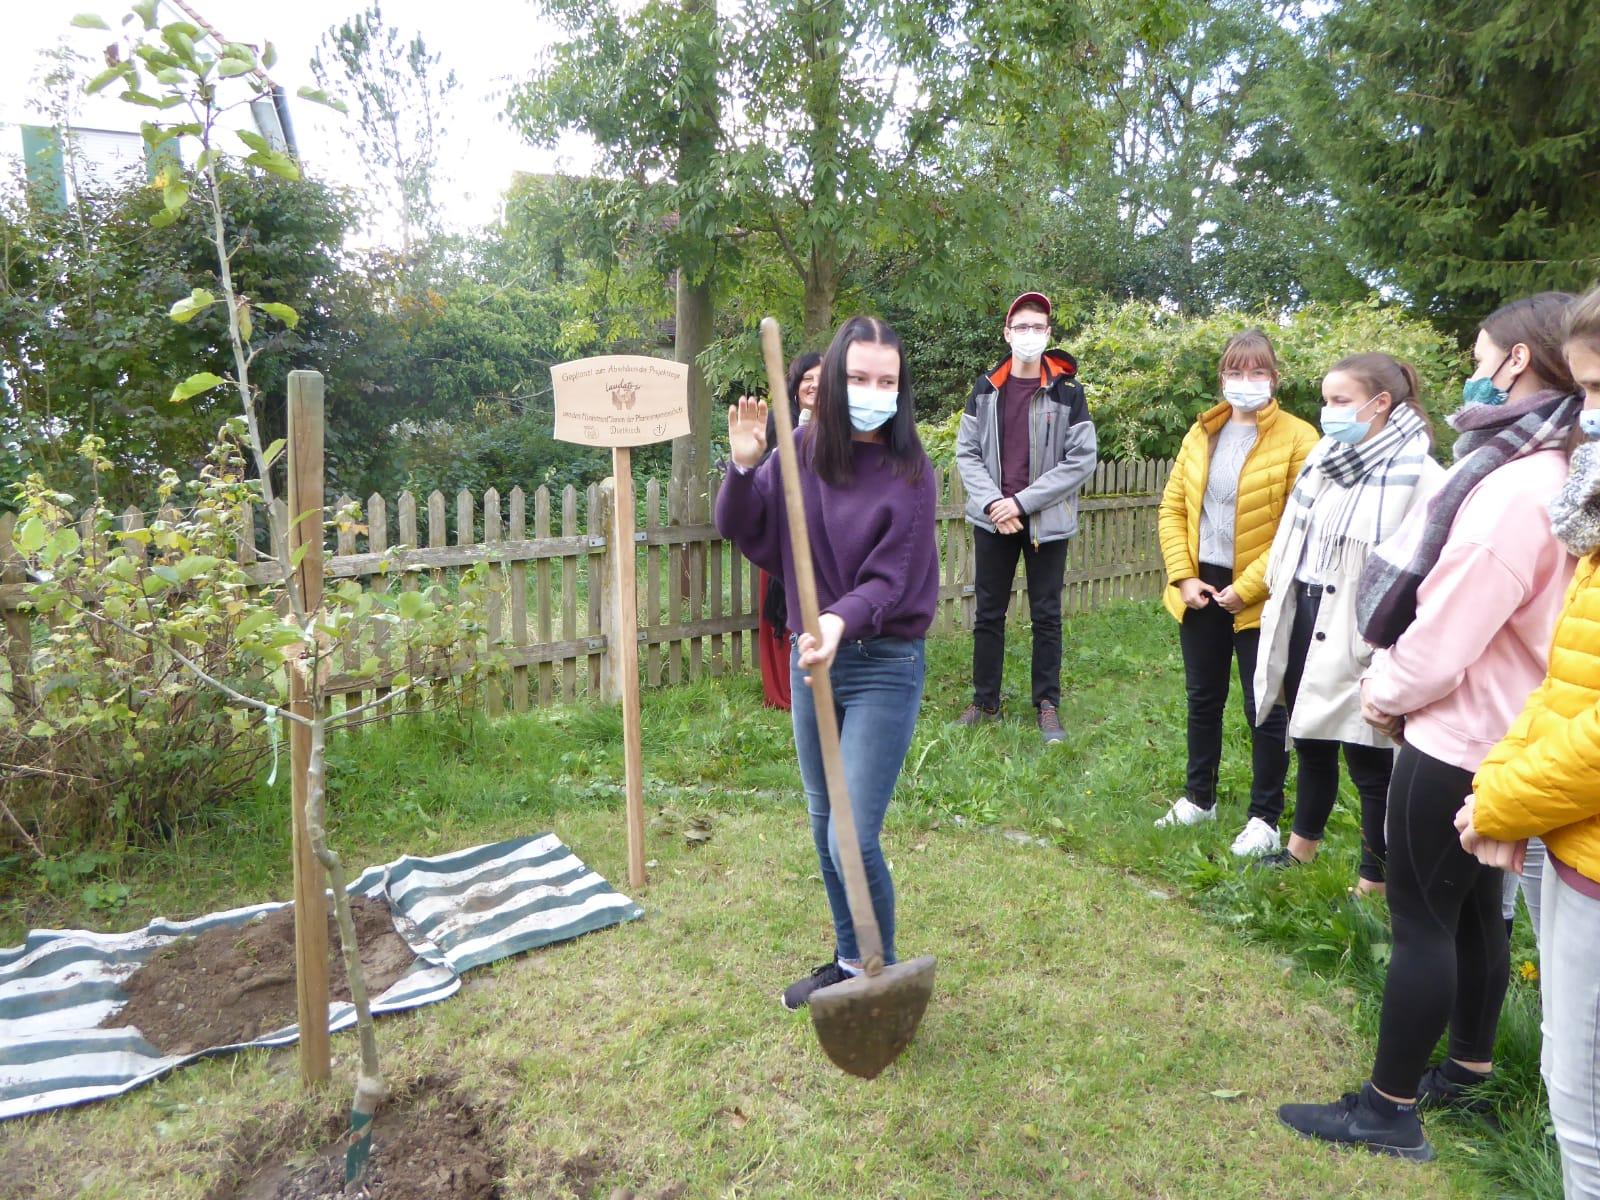 Zum Abschluss der Projekttage pflanzen die Ministranten einen Apfelbaum. Aber damit ist es noch lange nicht vorbei. (Foto: Claudia Possi)